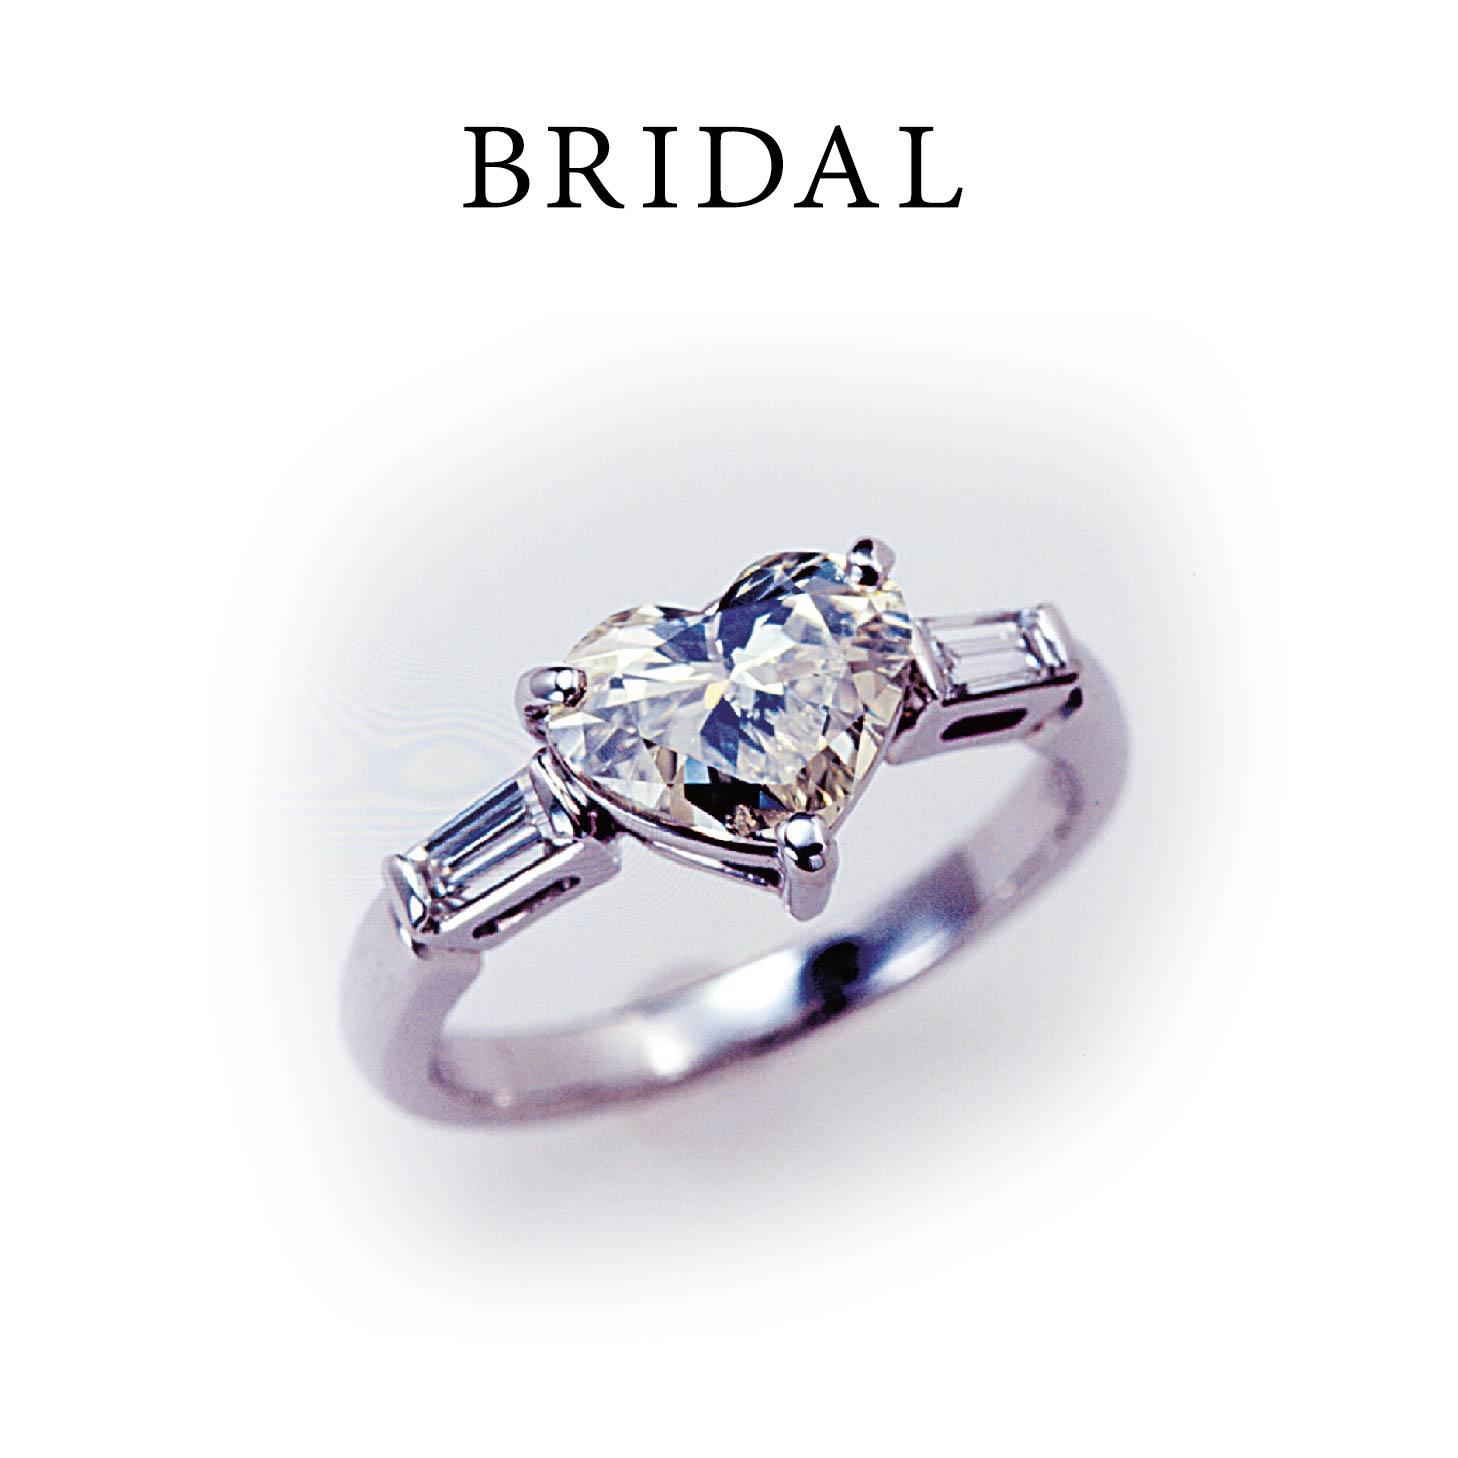 bridal-topbnr